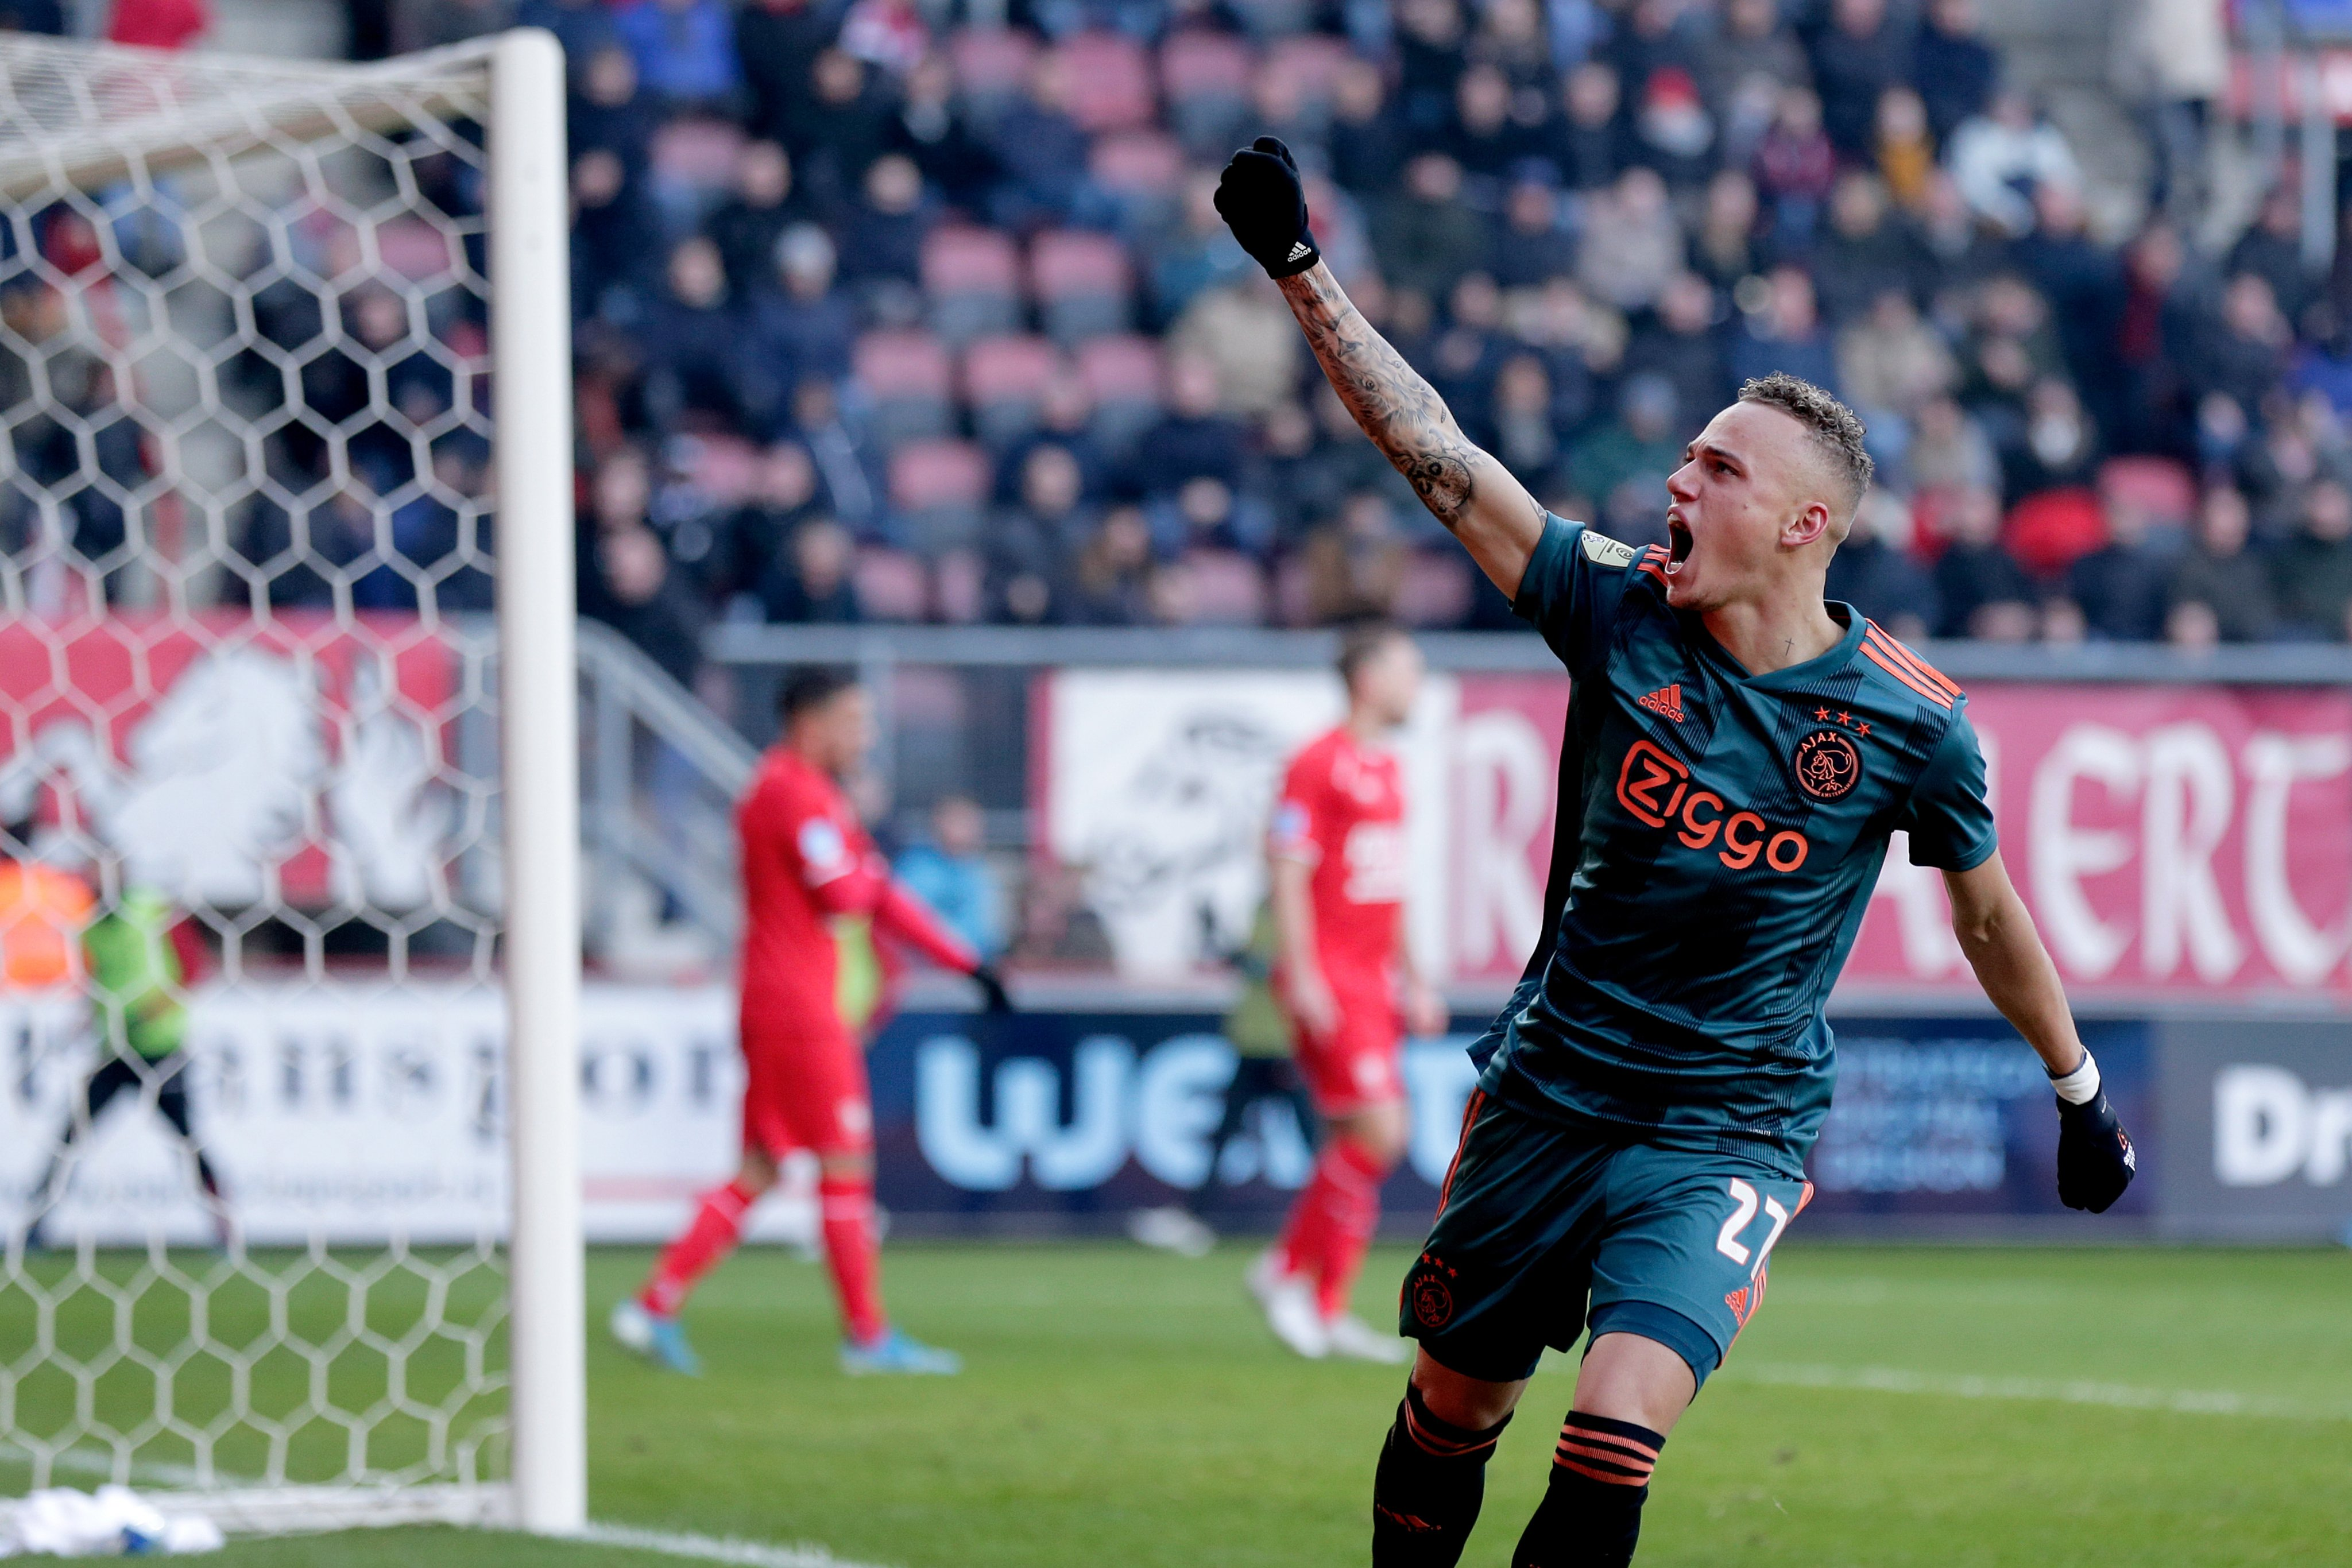 Sao trẻ lập hat-trick cho Ajax ngay trận đầu đá chính - Bóng Đá